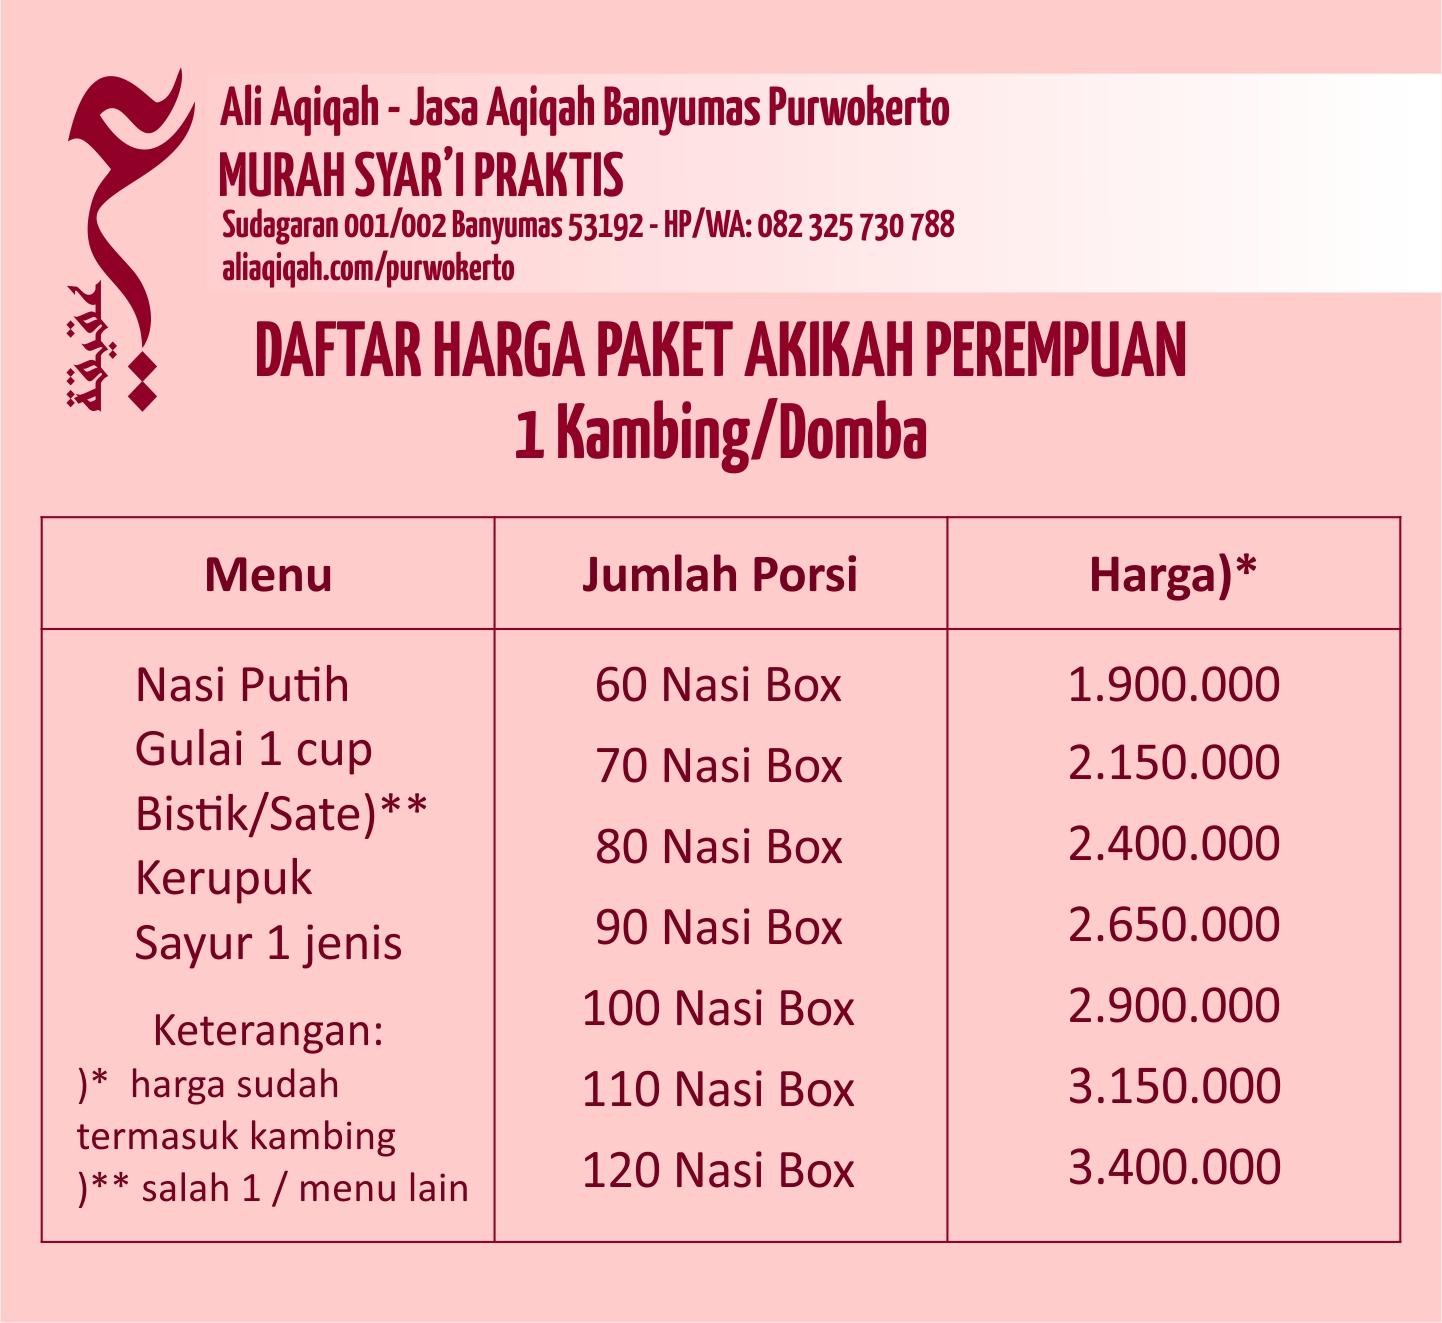 daftar harga paket akikah purwokerto untuk anak perempuan purwokerto